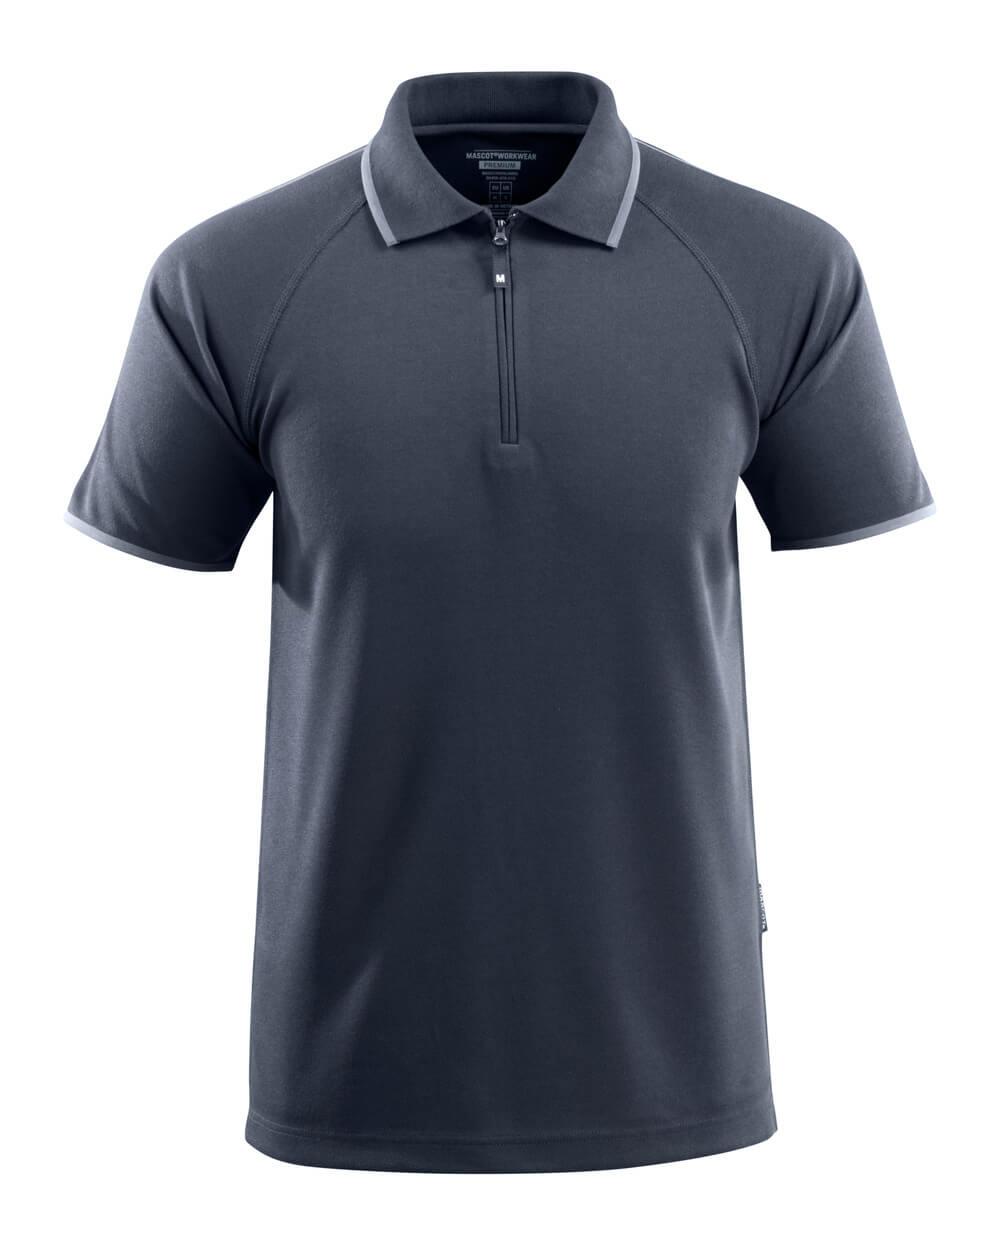 50458-978-010 Poloshirt - mørk marine